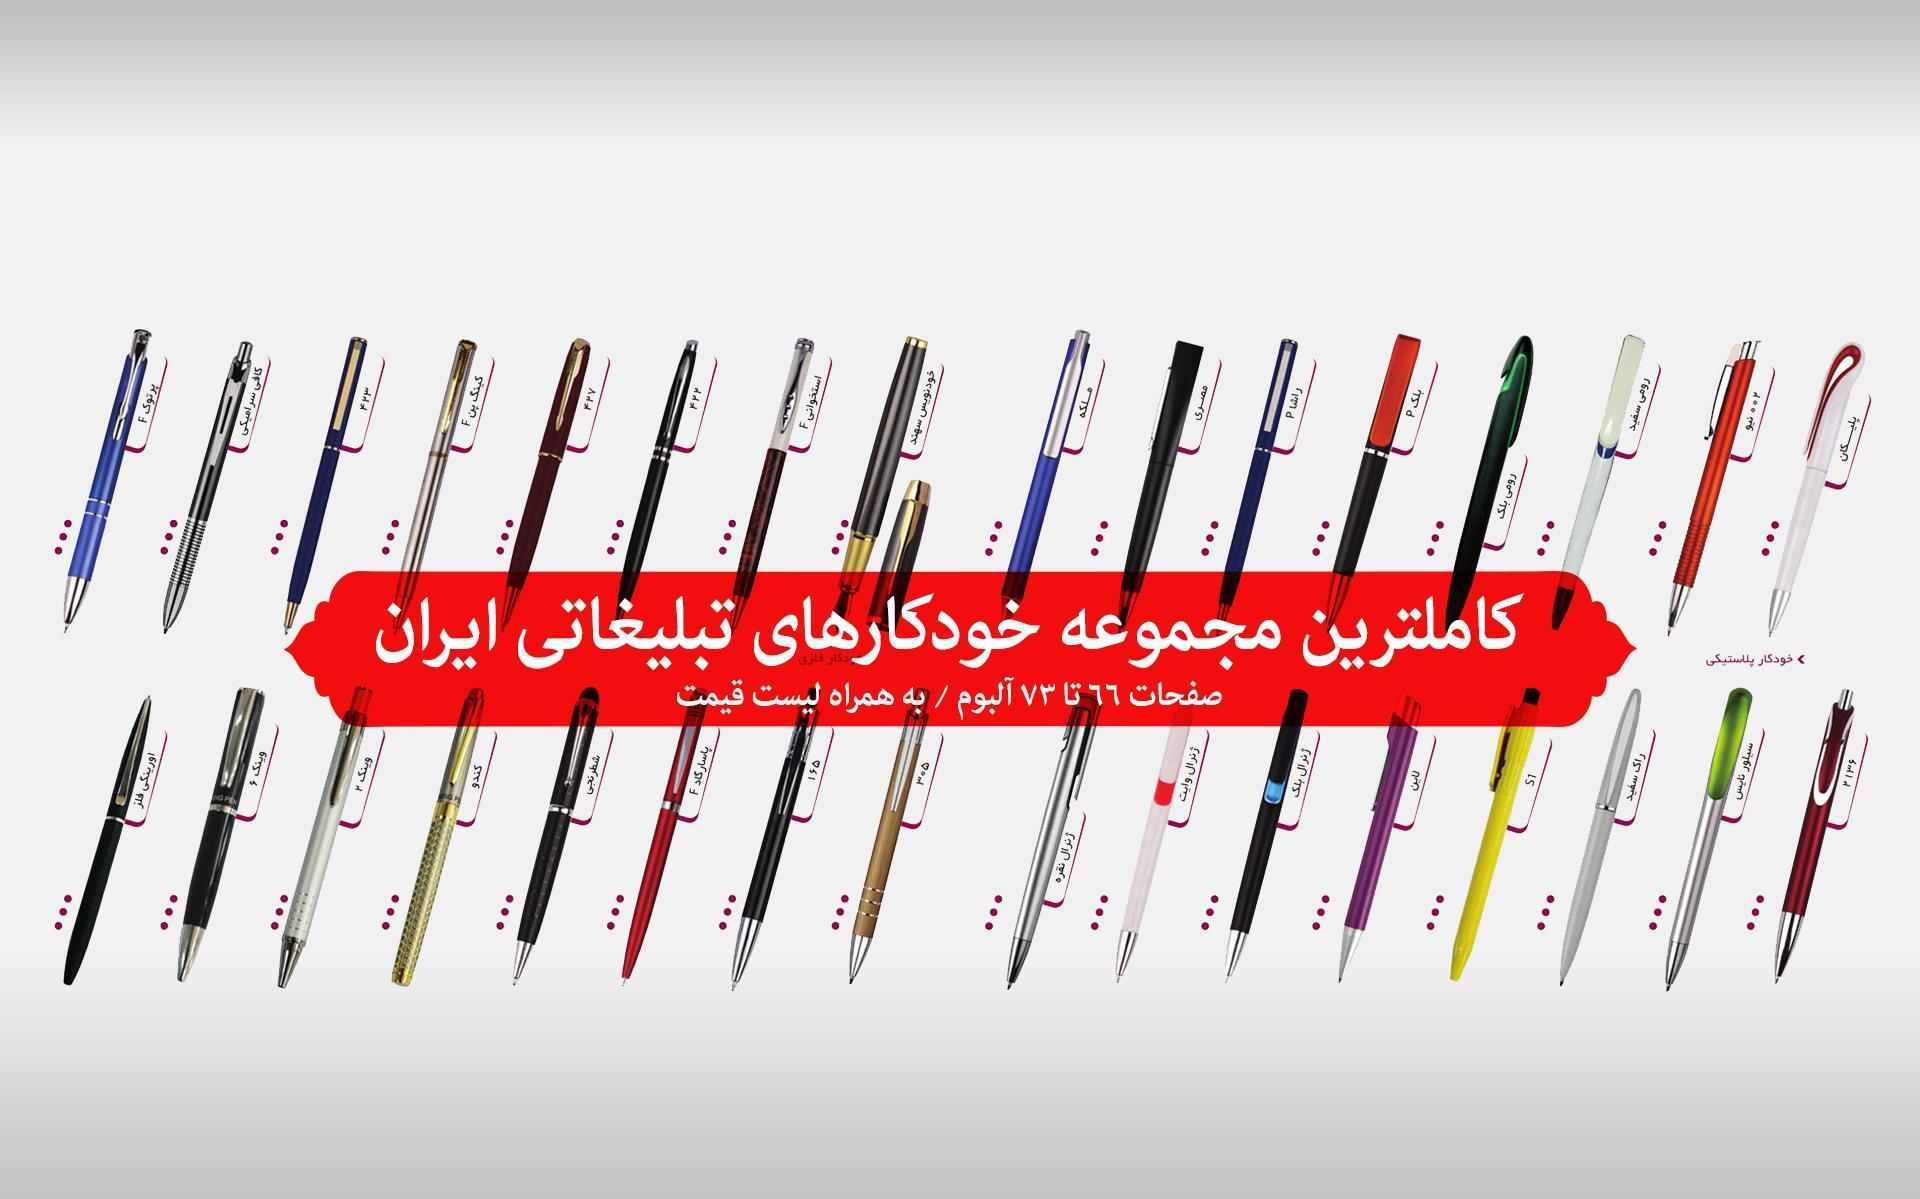 خودکارهای تبلیغاتی